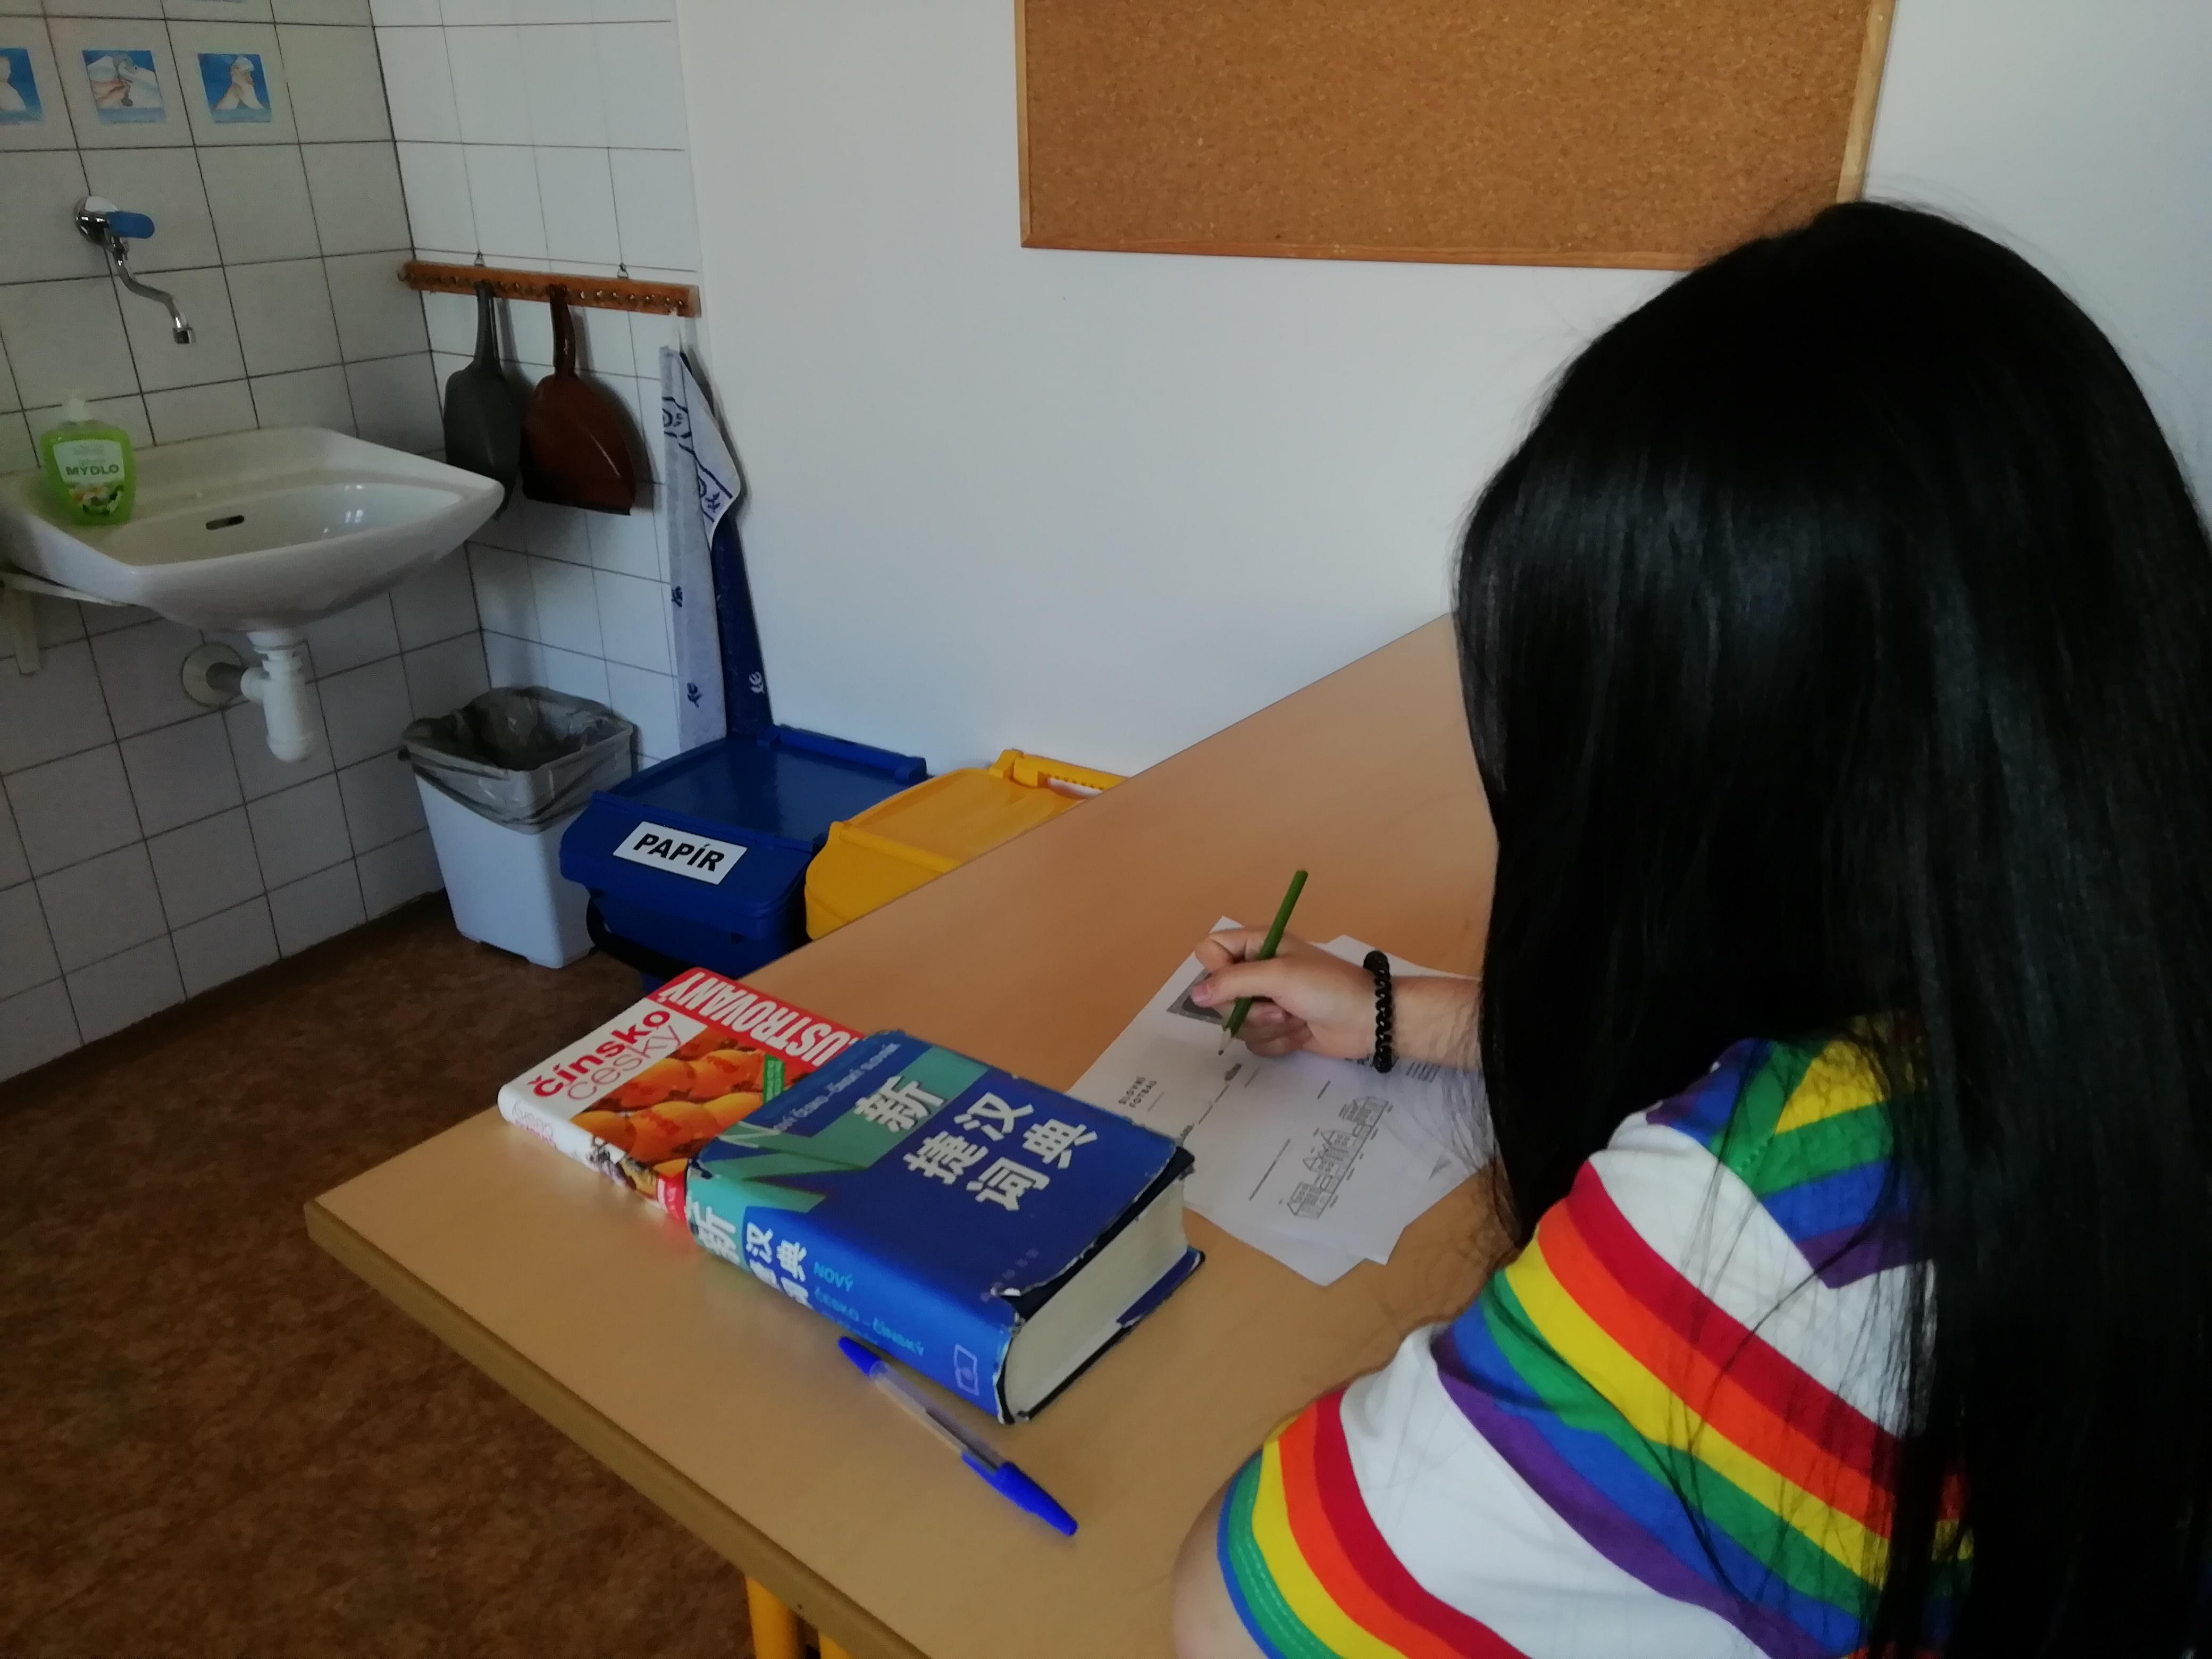 Obr. 2: Výuka českého jazyka u žákyně, jejímž mateřským jazykem je čínština. Základní škola Křížová vJihlavě.